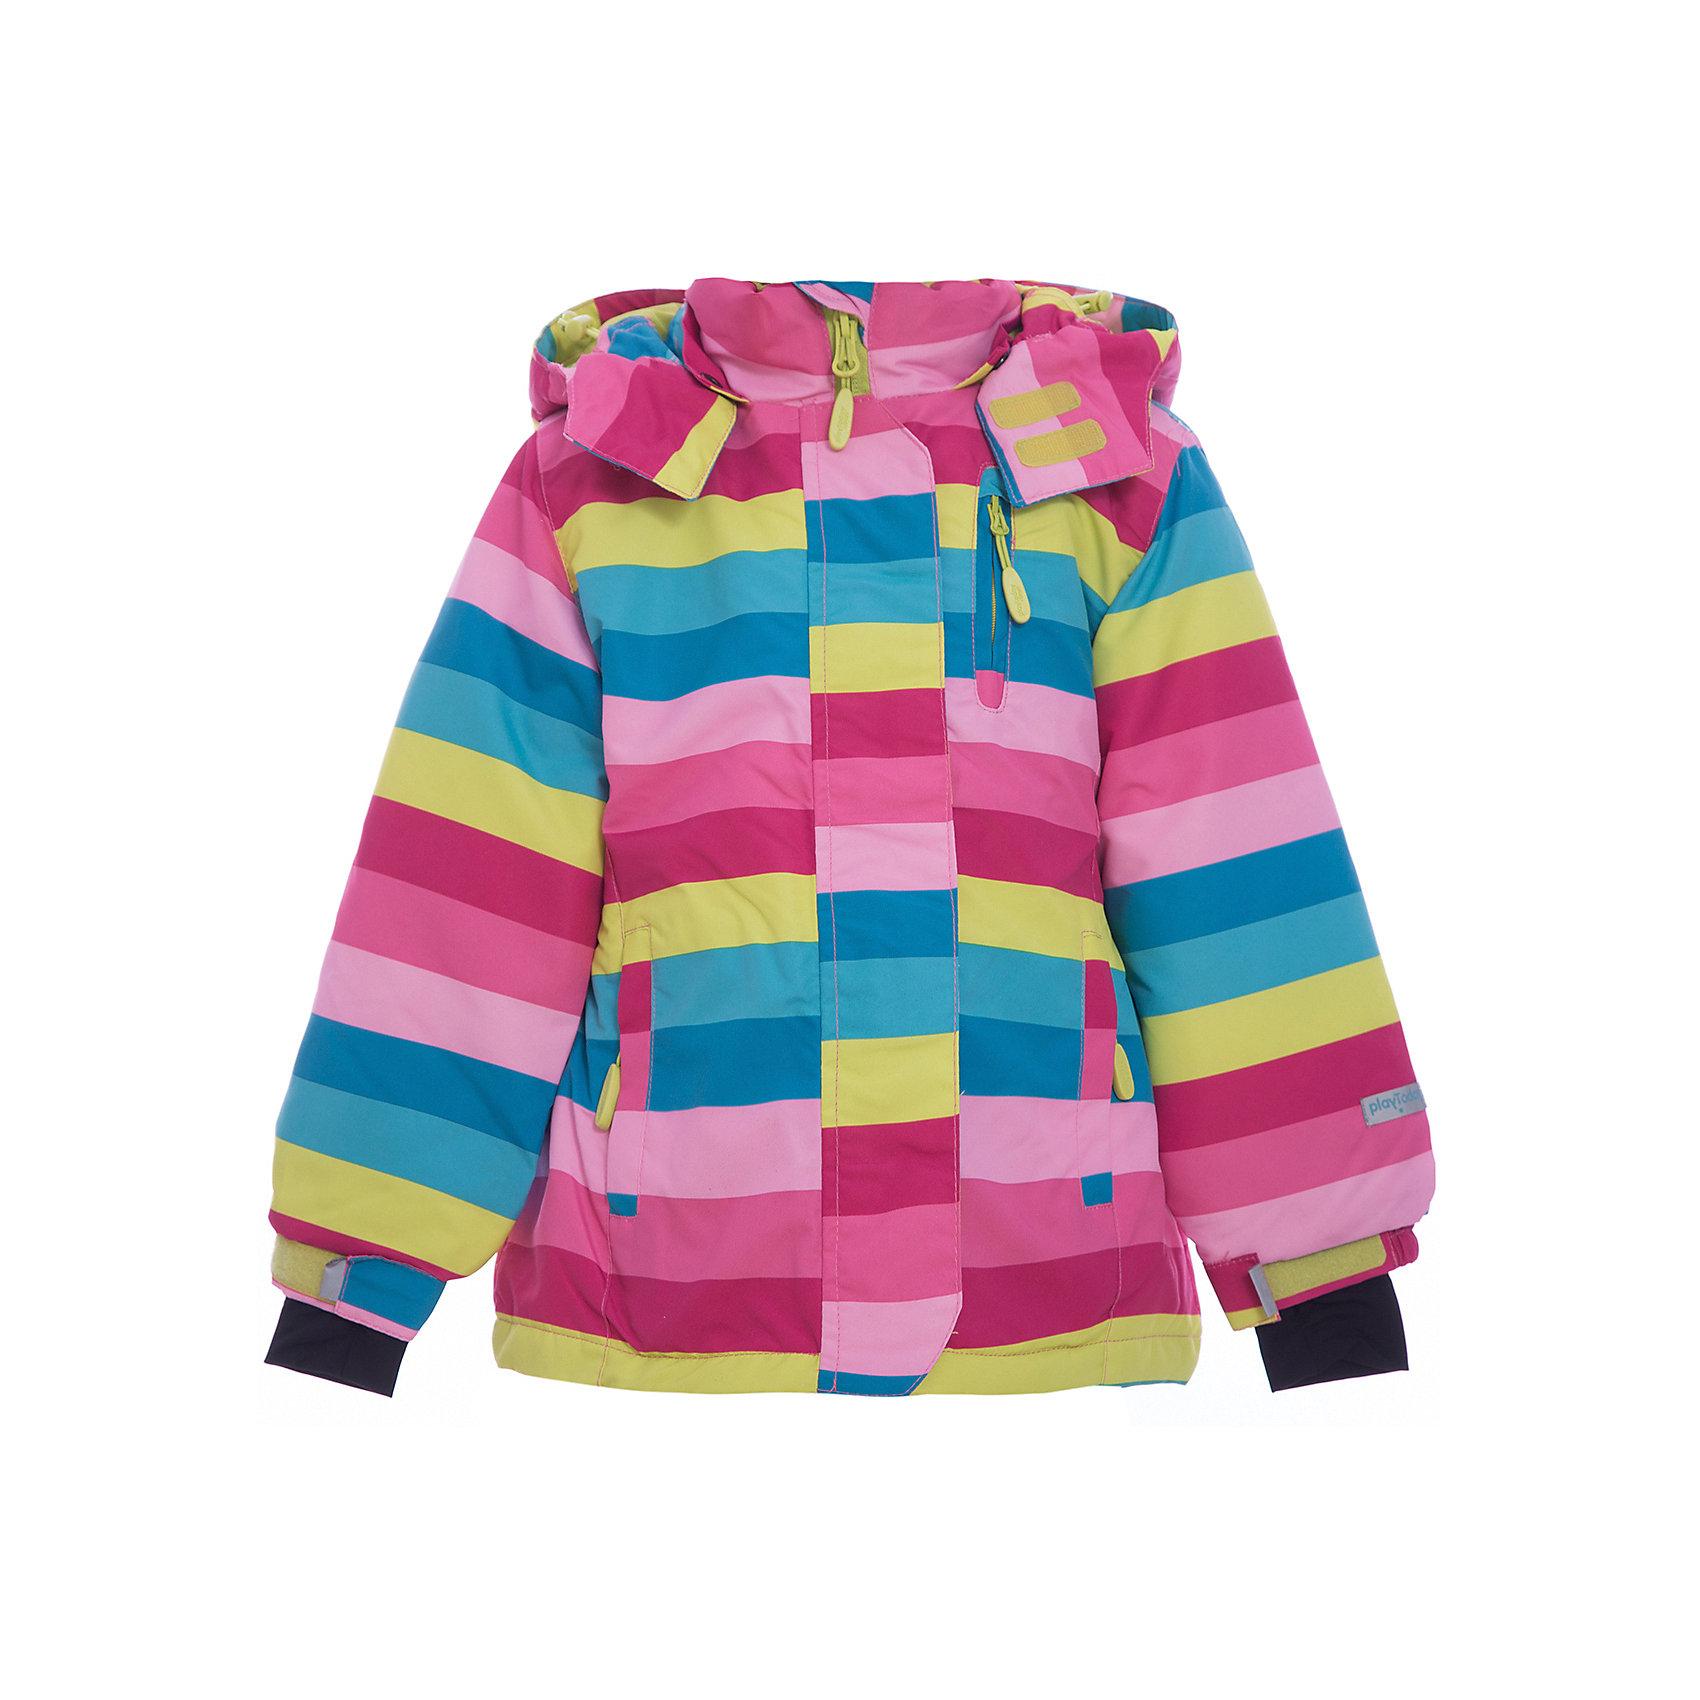 Куртка для девочки PlayTodayКуртка для девочки от известного бренда PlayToday.<br>Яркая полосатая куртка из непромокаемой плащевки. Создана с учетом всех фишек горнолыжной одежды. Застегивается на молнию с защитой подбородка, есть ветрозащитная планка на липучках, как в спортивной одежде. Внутри уютная флисовая подкладка. Капюшон на кнопках, на воротнике застегивается на липучки. Три функциональных кармана на молнии. Внутри есть специальная ветрозащитная юбочка, застегнув которую вы надежно защитите ребенка от снега, дождя и ветра. Низ куртки утягивается стопперами. На рукавах трикотажные манжеты с отверстием под палец.<br>Состав:<br>Верх: 100% полиэстер, Подкладка: 100% полиэстер, Наполнитель: 100% полиэстер, 150 г/м2<br><br>Ширина мм: 356<br>Глубина мм: 10<br>Высота мм: 245<br>Вес г: 519<br>Цвет: разноцветный<br>Возраст от месяцев: 36<br>Возраст до месяцев: 48<br>Пол: Женский<br>Возраст: Детский<br>Размер: 104,122,98,110,116,128<br>SKU: 4897750